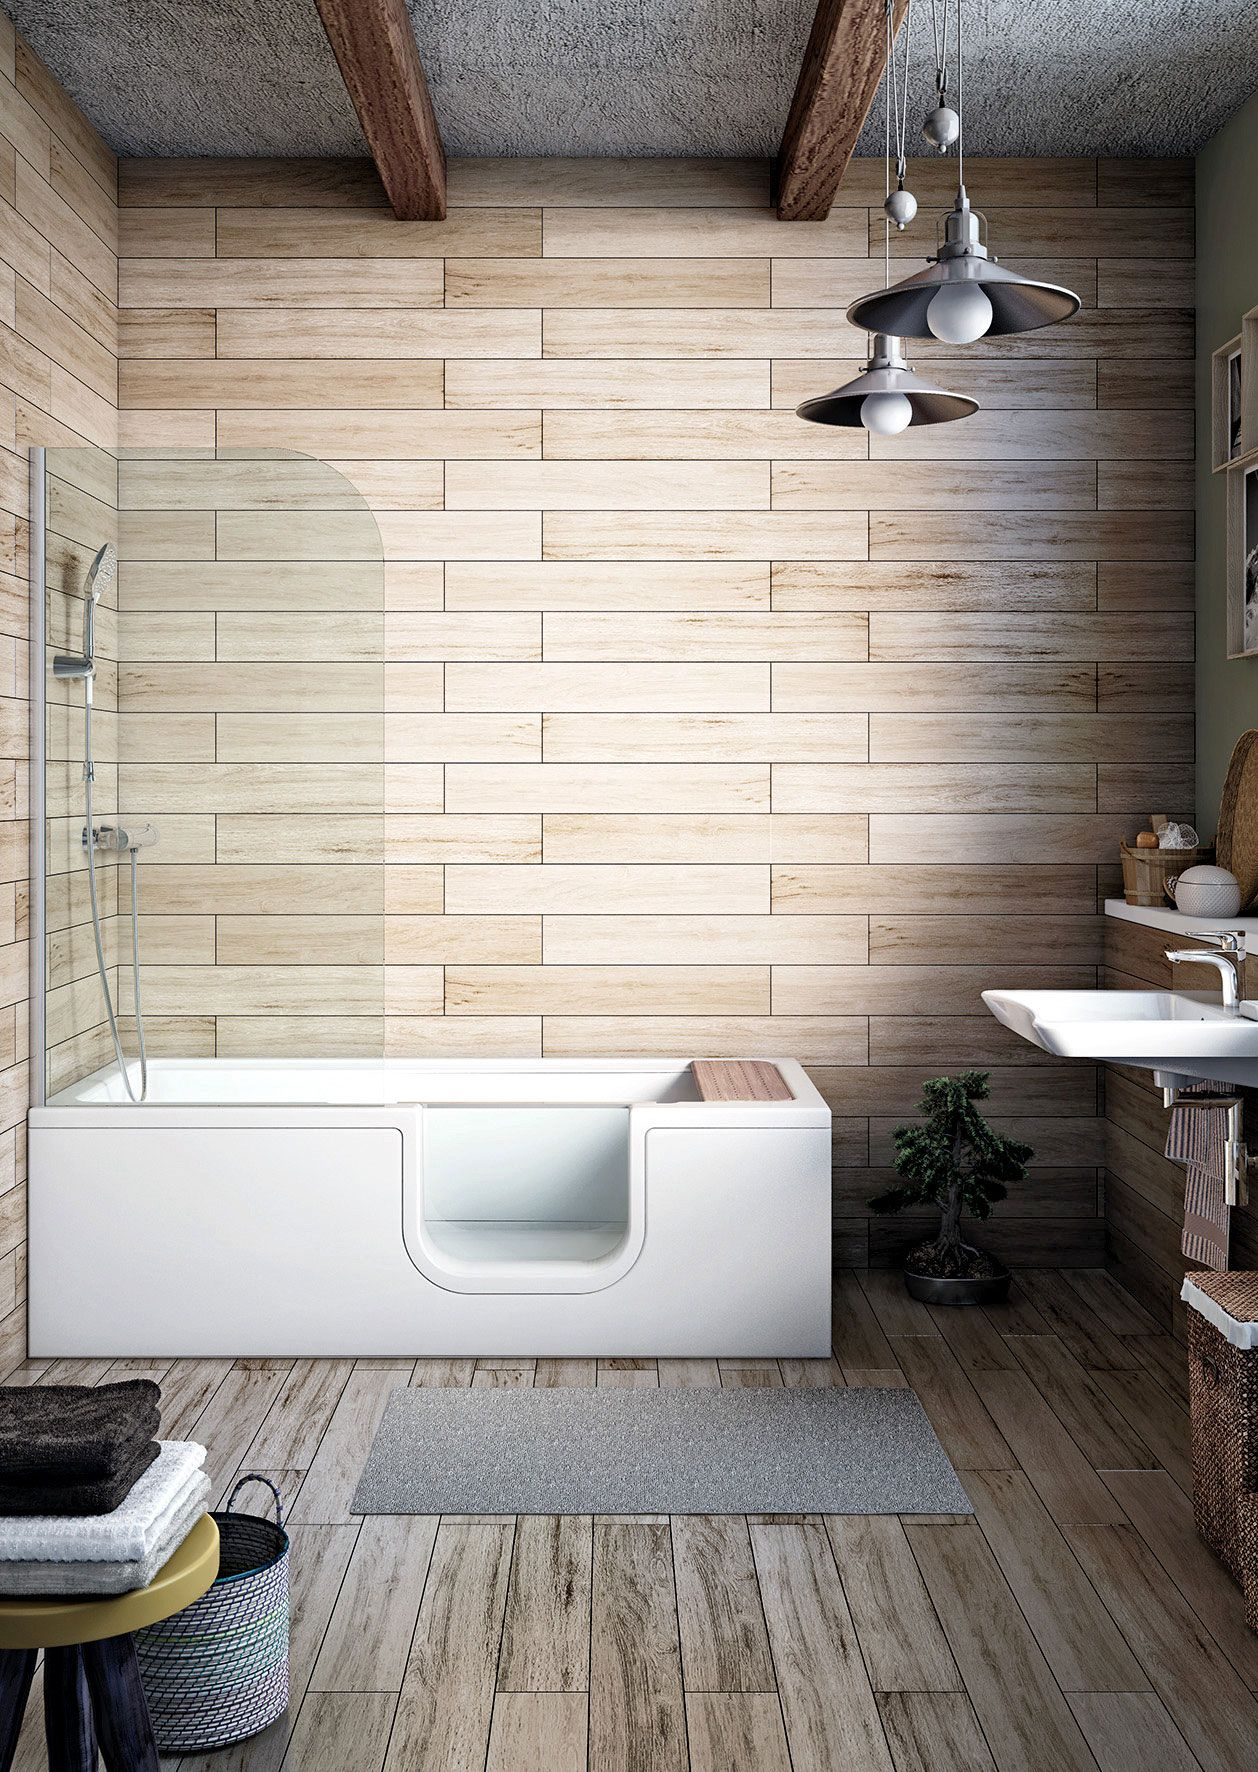 tipps zur badewanne planung kauf einbau und pflege in 2019 badgestaltung badewanne